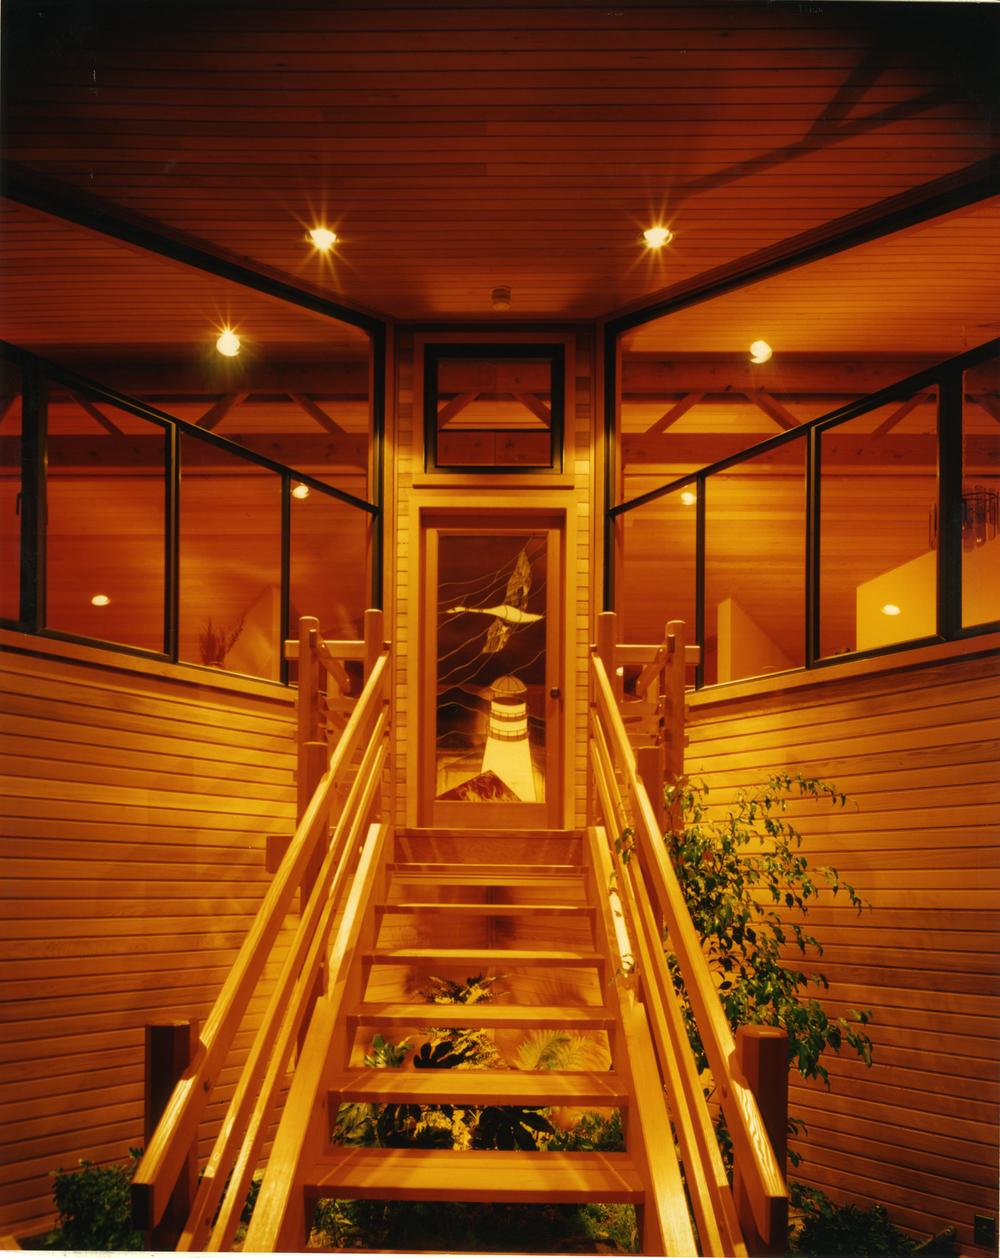 01_Living Rm_Staircase_Bodega.jpg